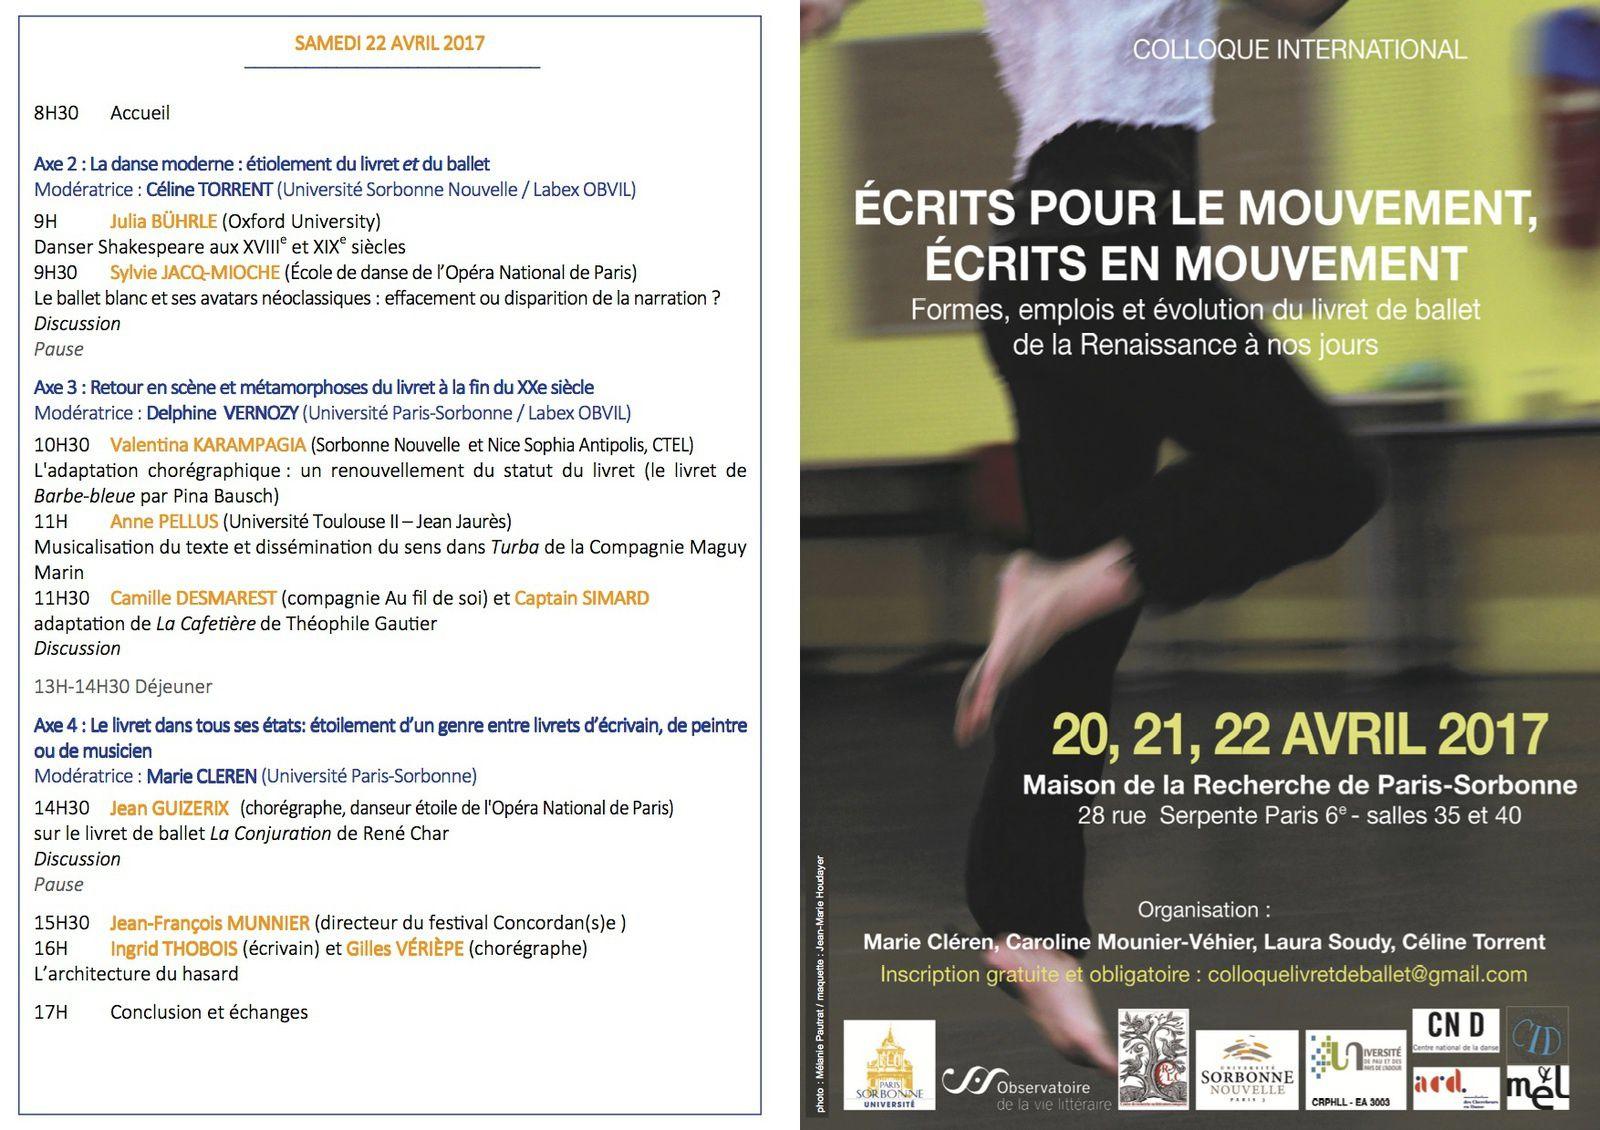 Formes, emplois et évolutions du livret de ballet de la Renaissance à nos jours  Cette rencontre se déroulera du 20 au 22 avril à la Maison de la recherche de l'université Paris-Sorbonne.